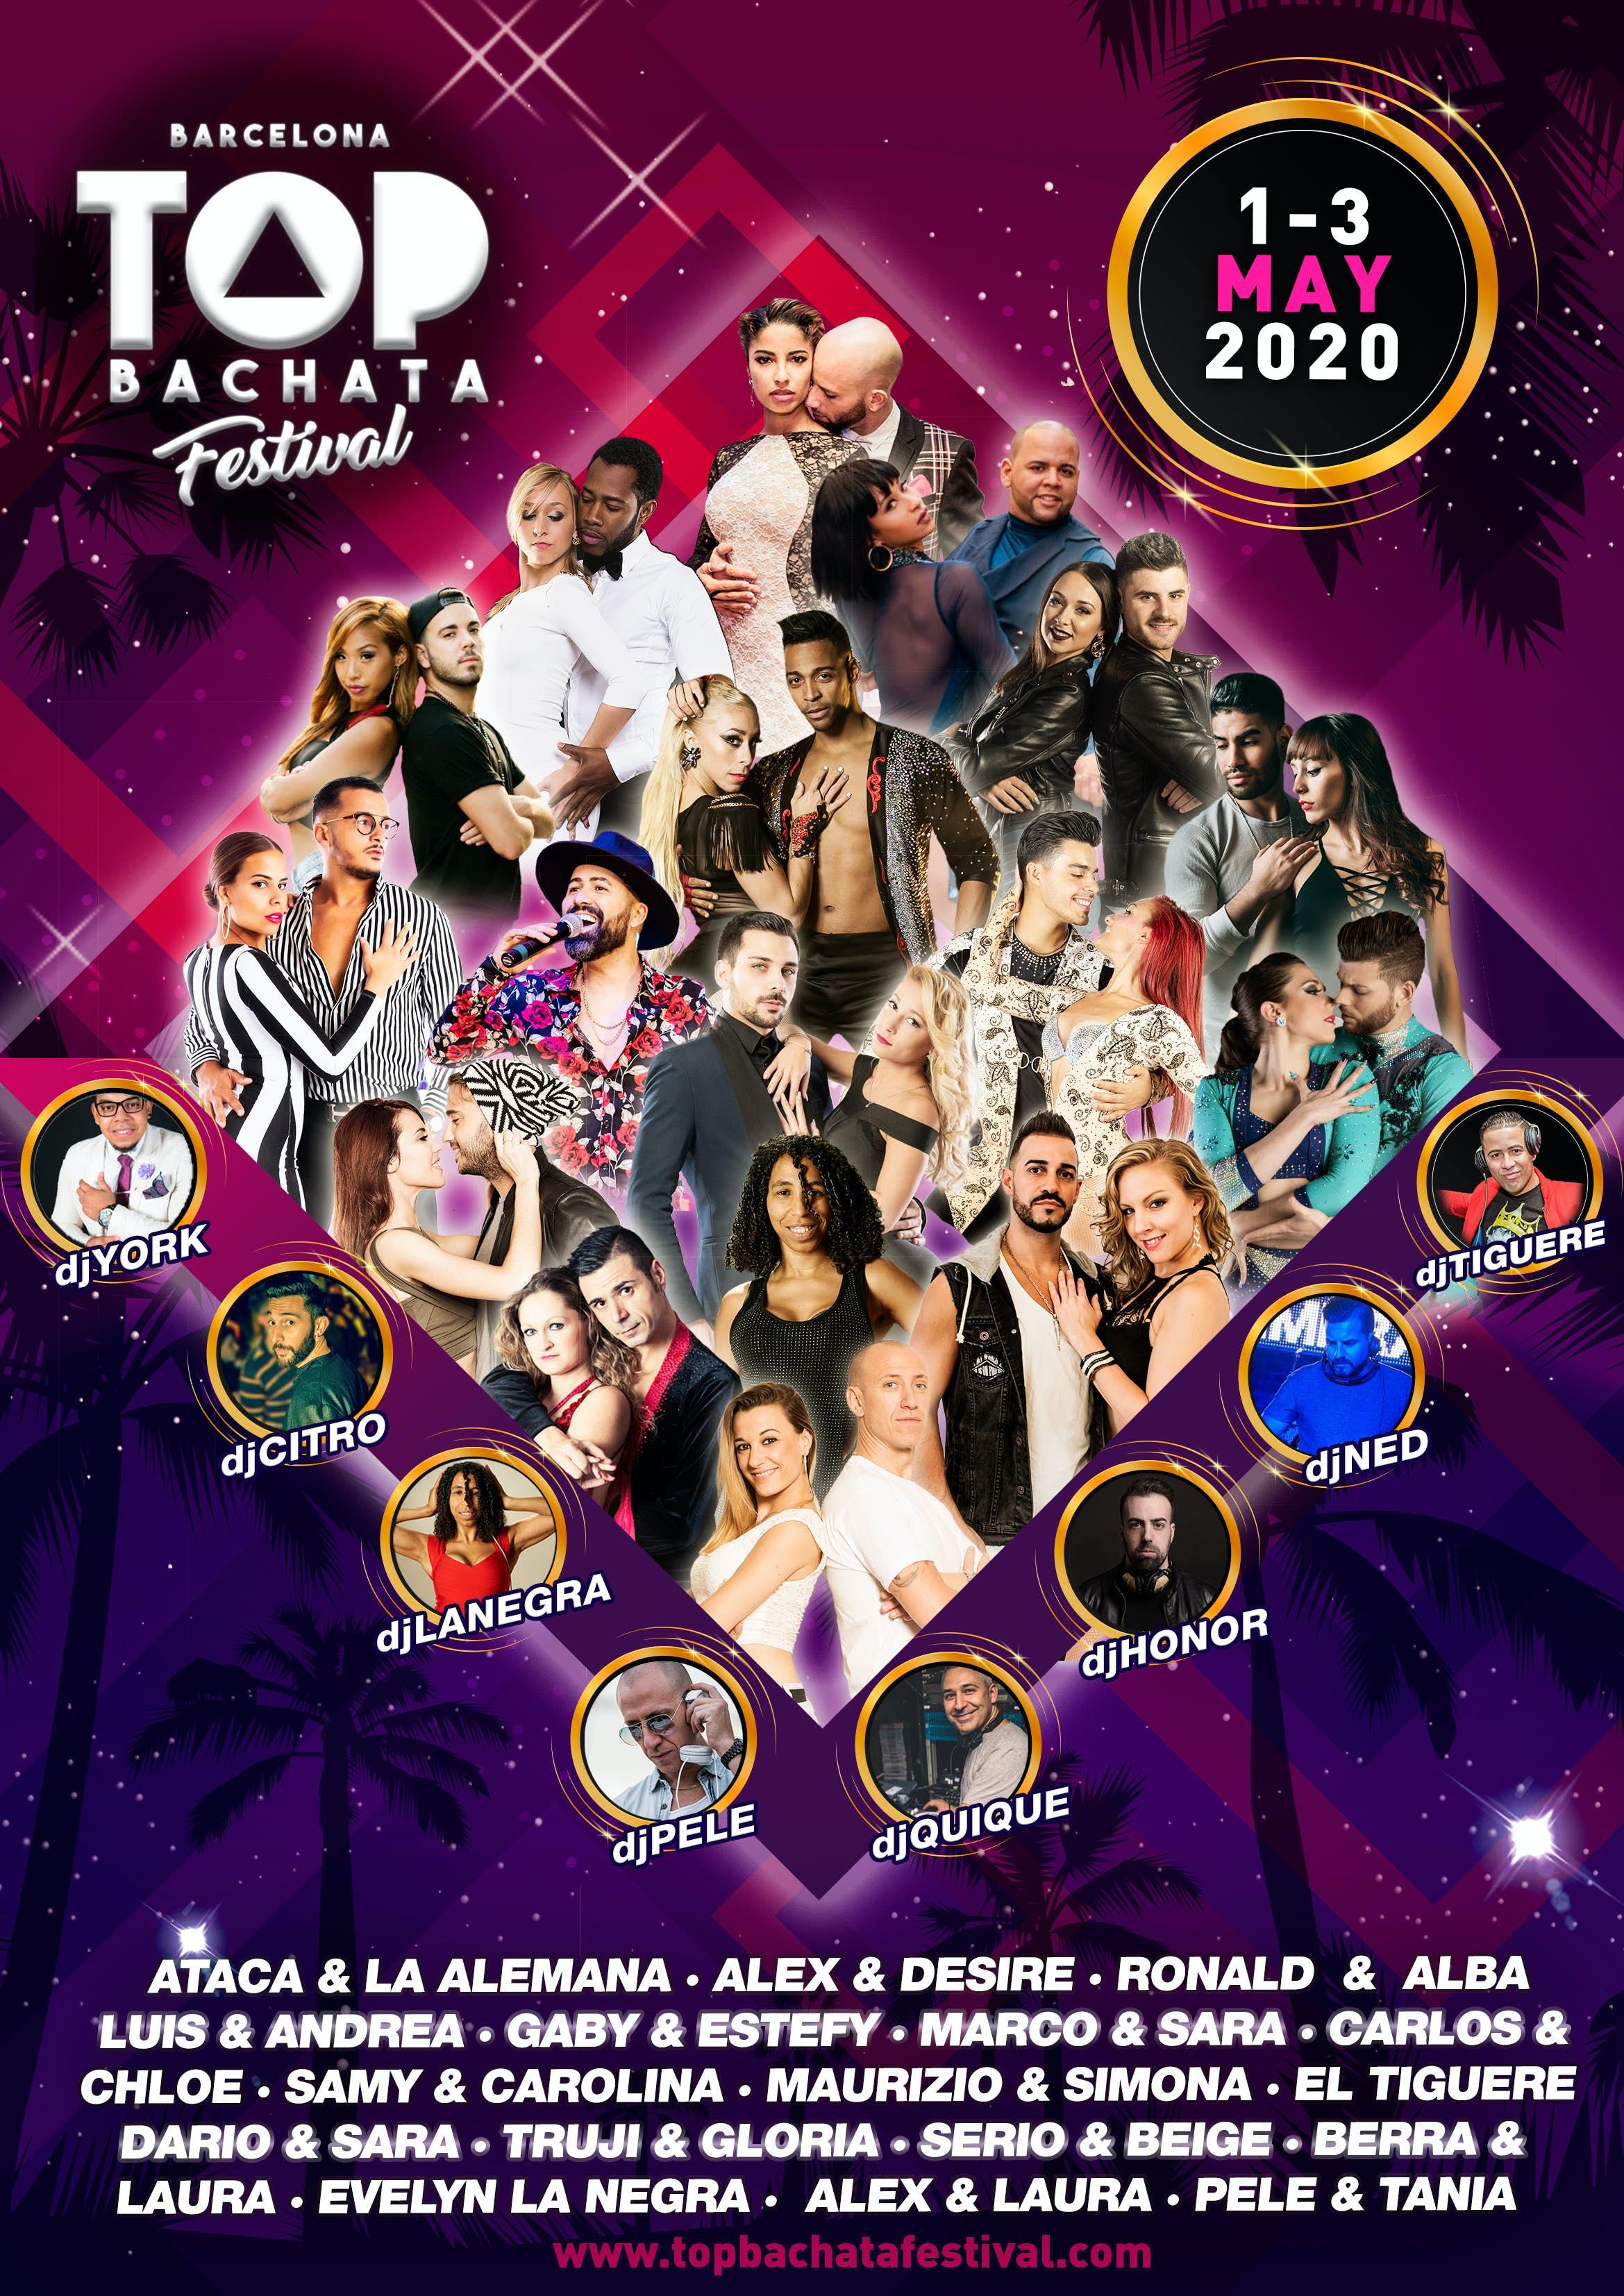 La Bachata Festival 2020 Top Bachata Festival 2020   go&dance